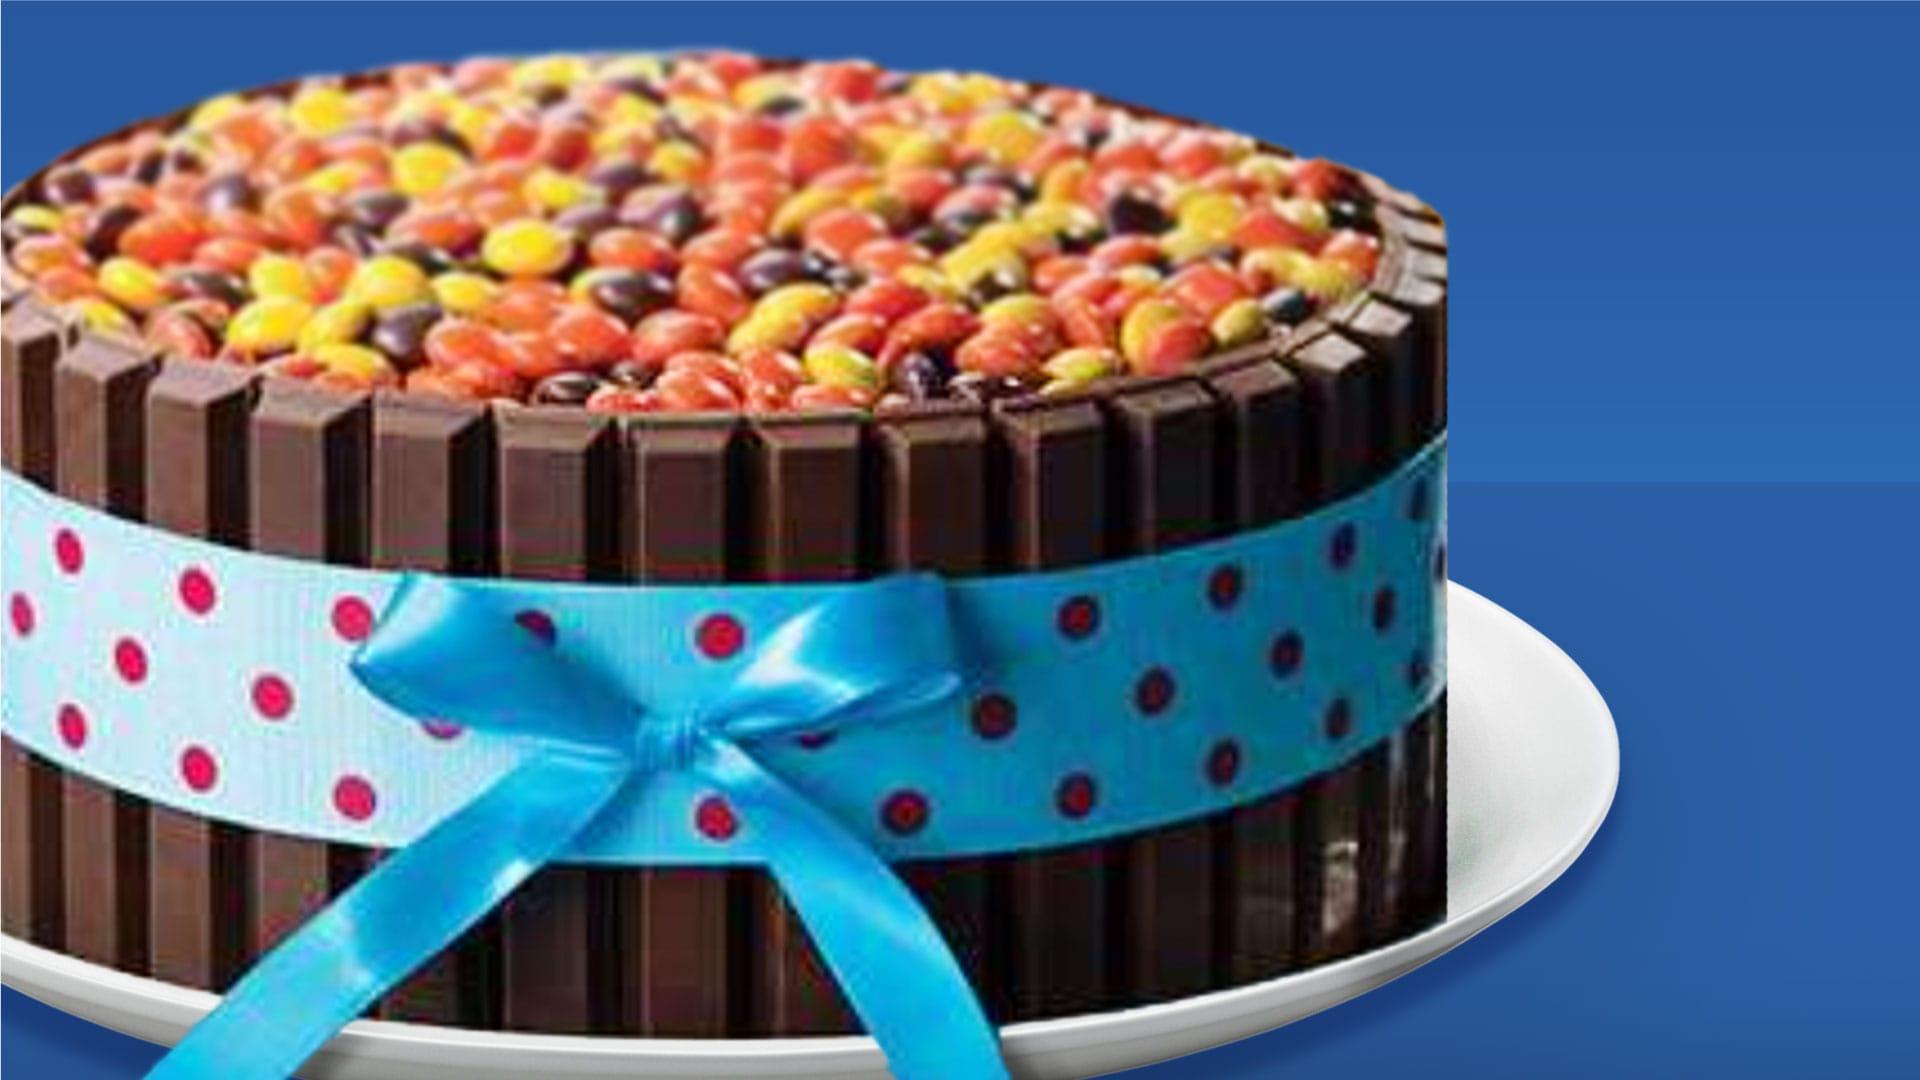 KIT KAT® Birthday Cake